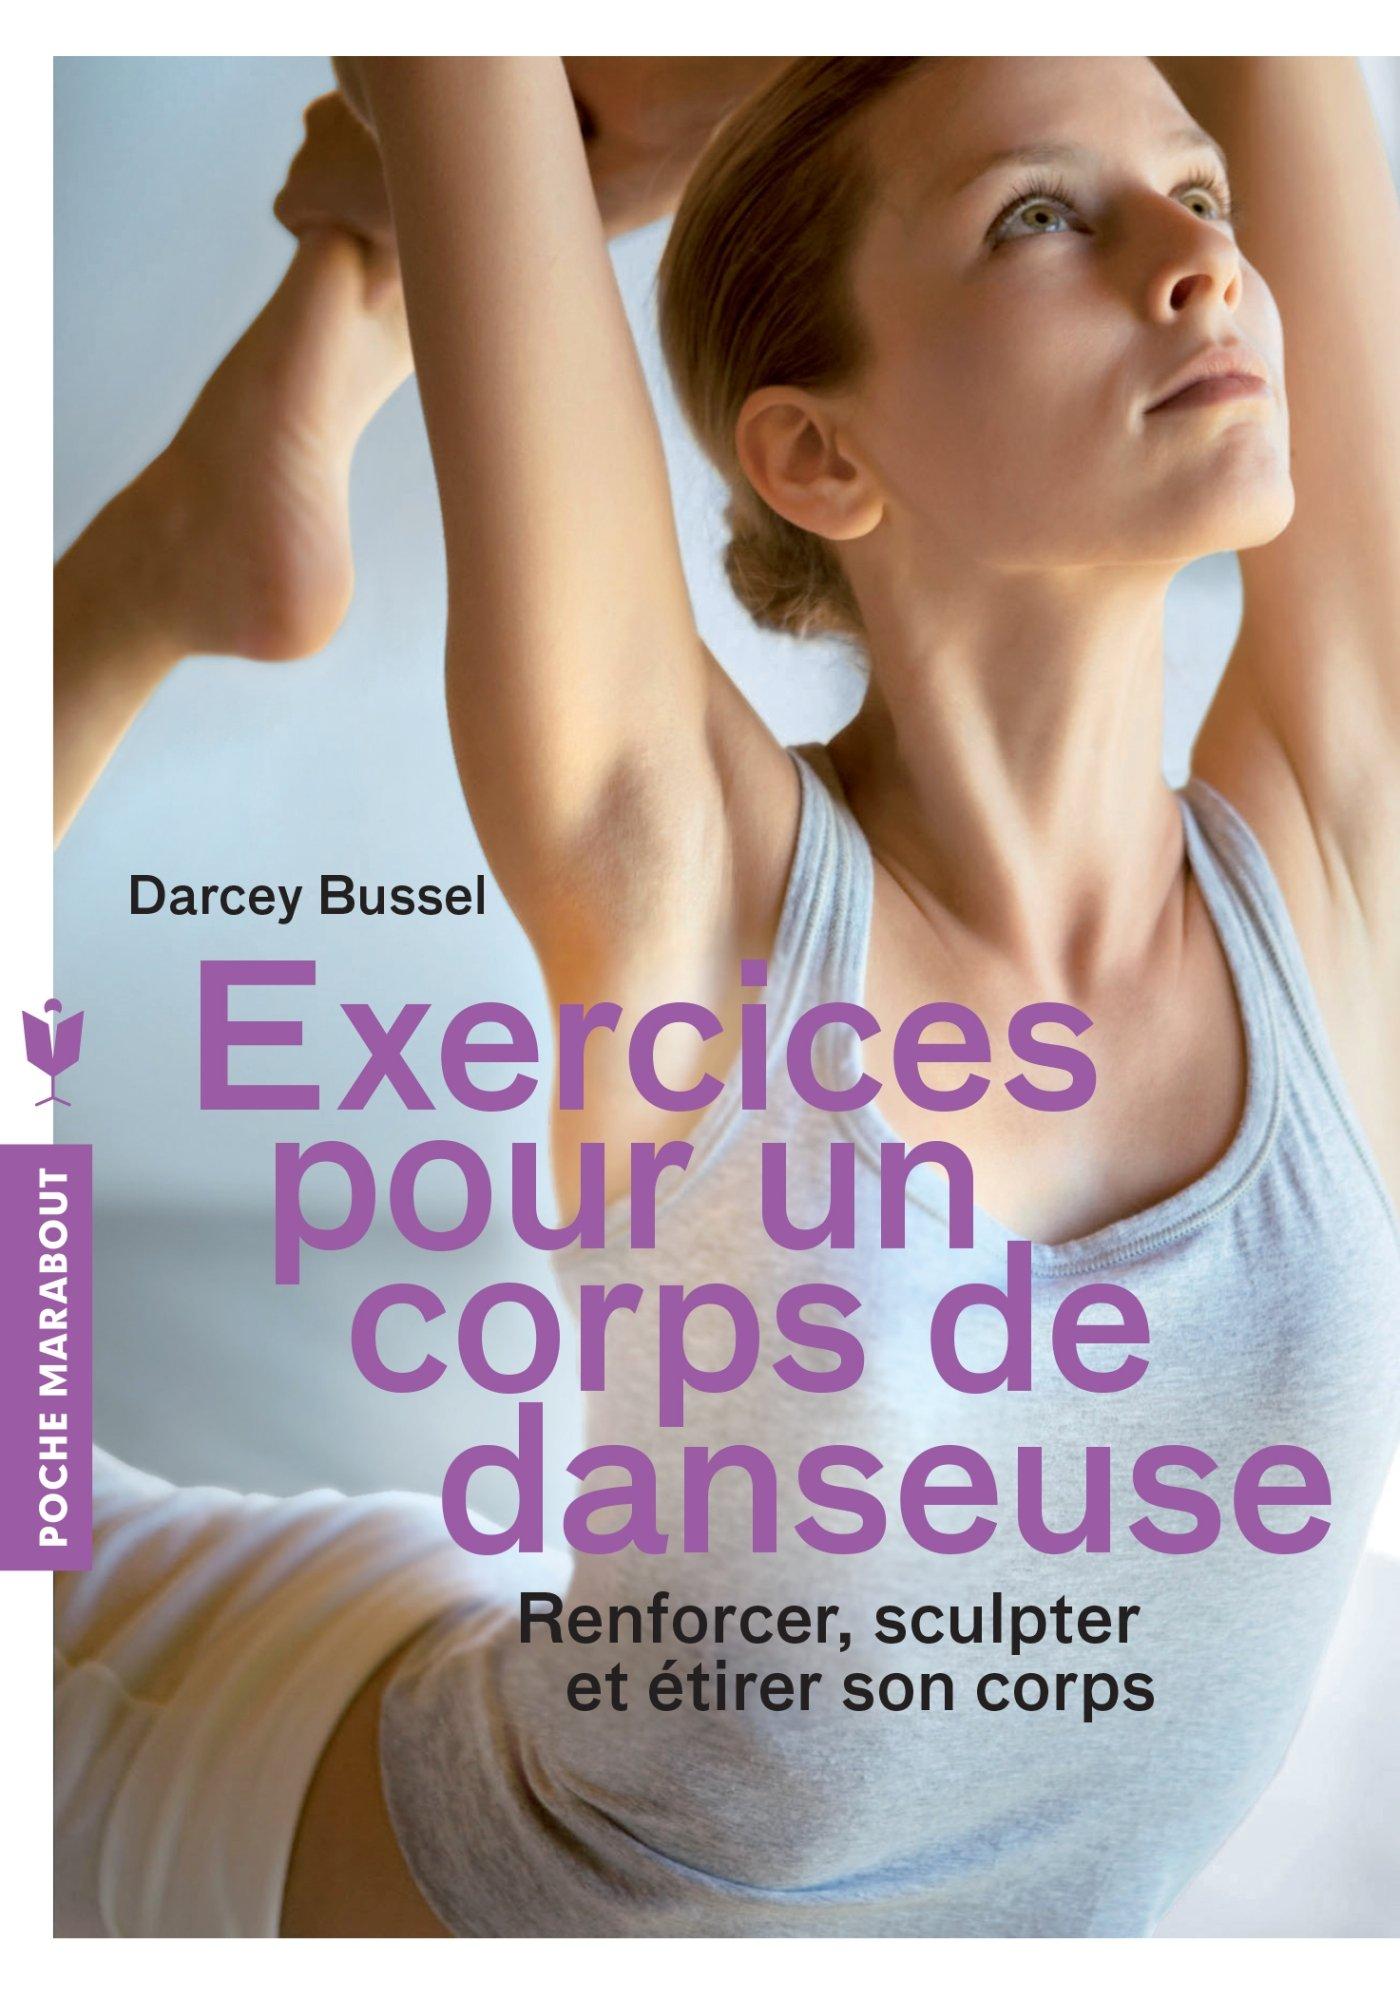 Exercices pour un corps de danseuse: Renforcer, sculpter et étirer son corps Poche – 20 février 2013 Darcey Bussell Marabout 2501084705 hygiène